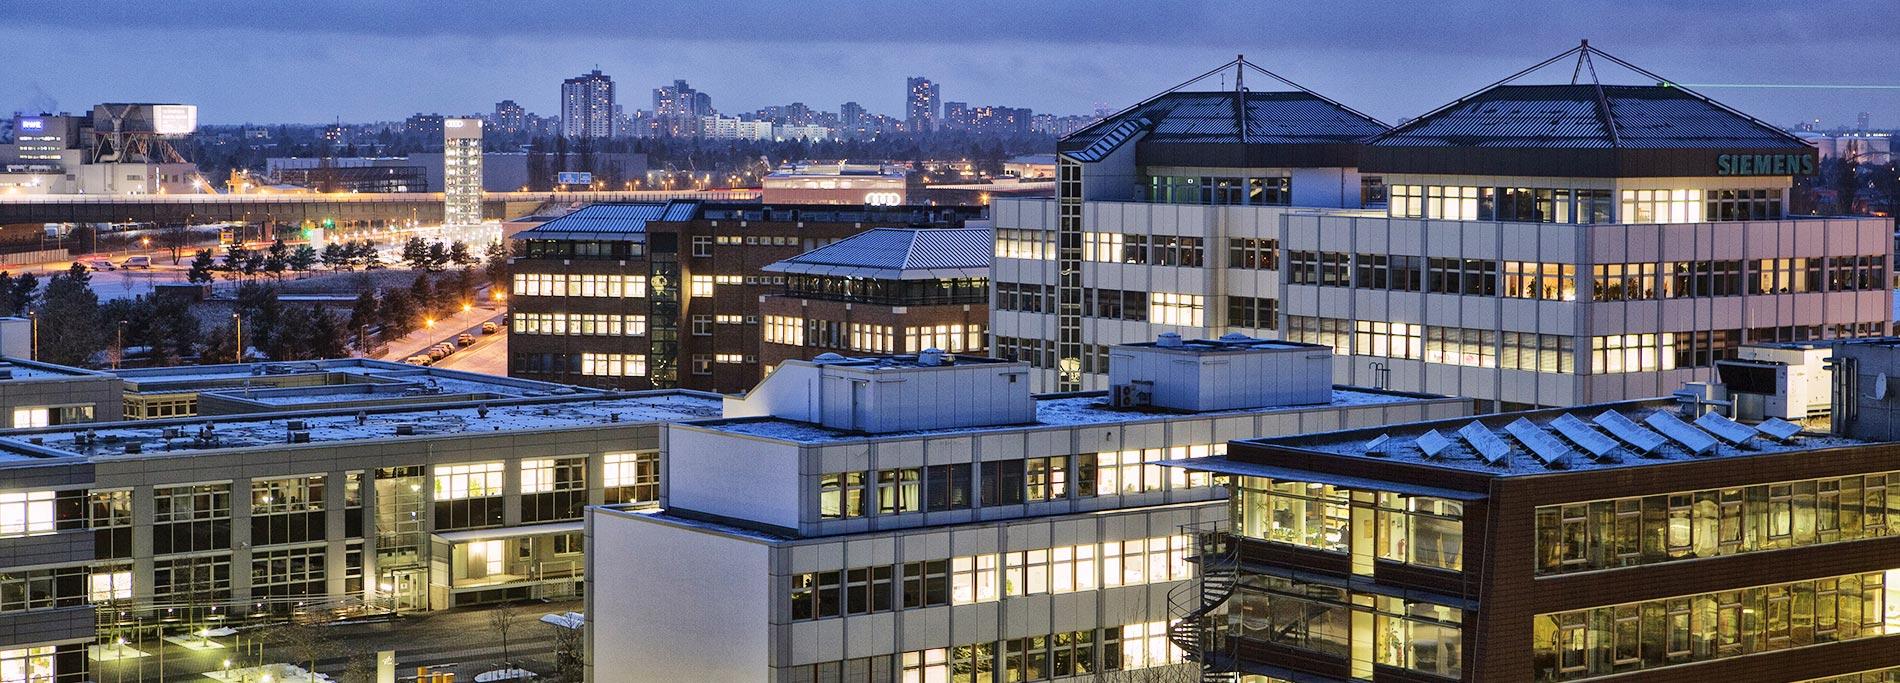 real estate start ups overview science park berlin adlershof germany. Black Bedroom Furniture Sets. Home Design Ideas